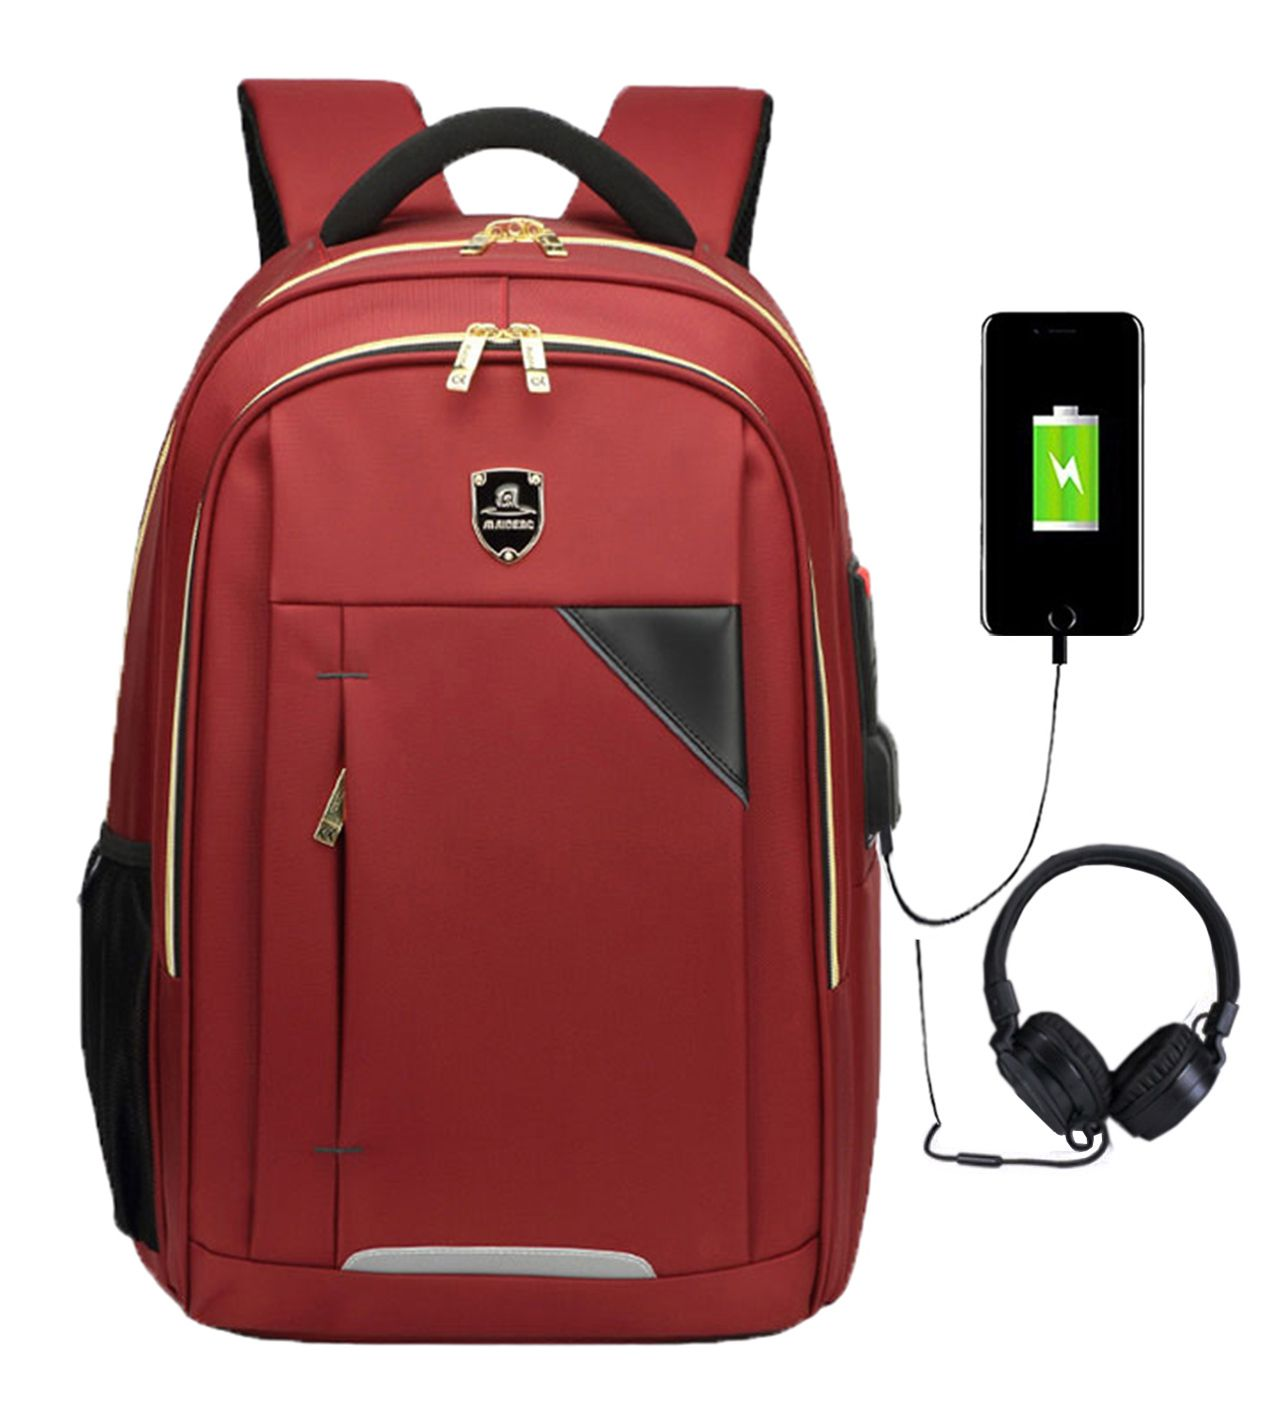 Mochila Escolar Impermeável Saída USB Fone 1802 Vermelho